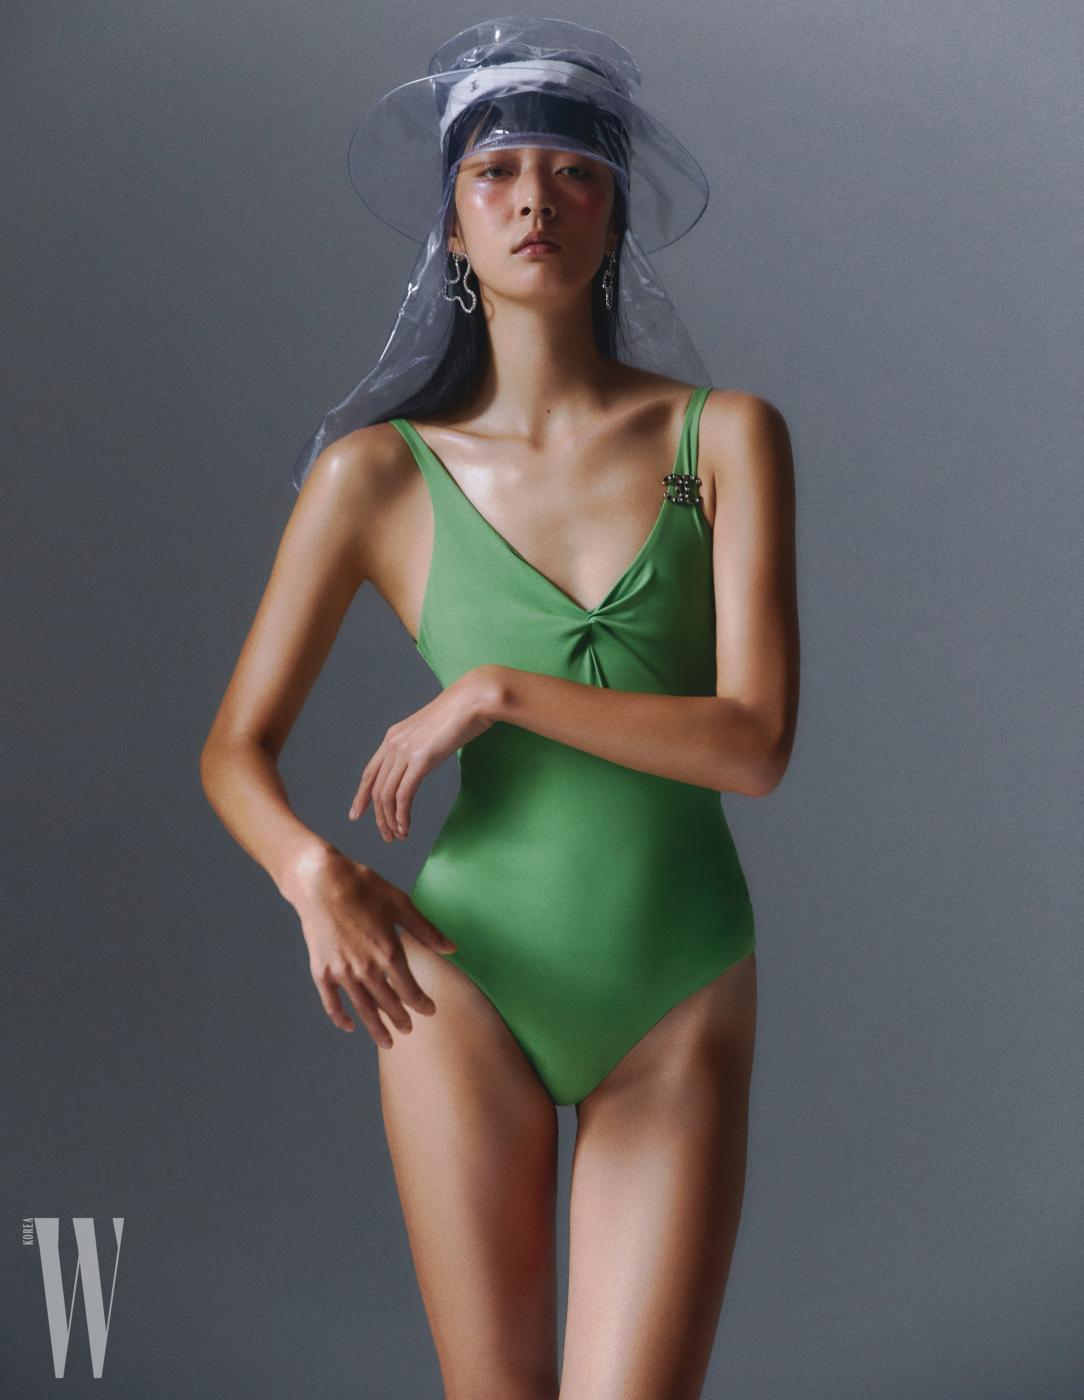 겹쳐서 착용한 PVC 소재 모자, 로고 브로치는 샤넬 제품. 둘 다 가격 미정. 수영복은 코스 제품. 6만9천원. 귀고리는 빈티지 헐리우드 제품. 6만9천원.